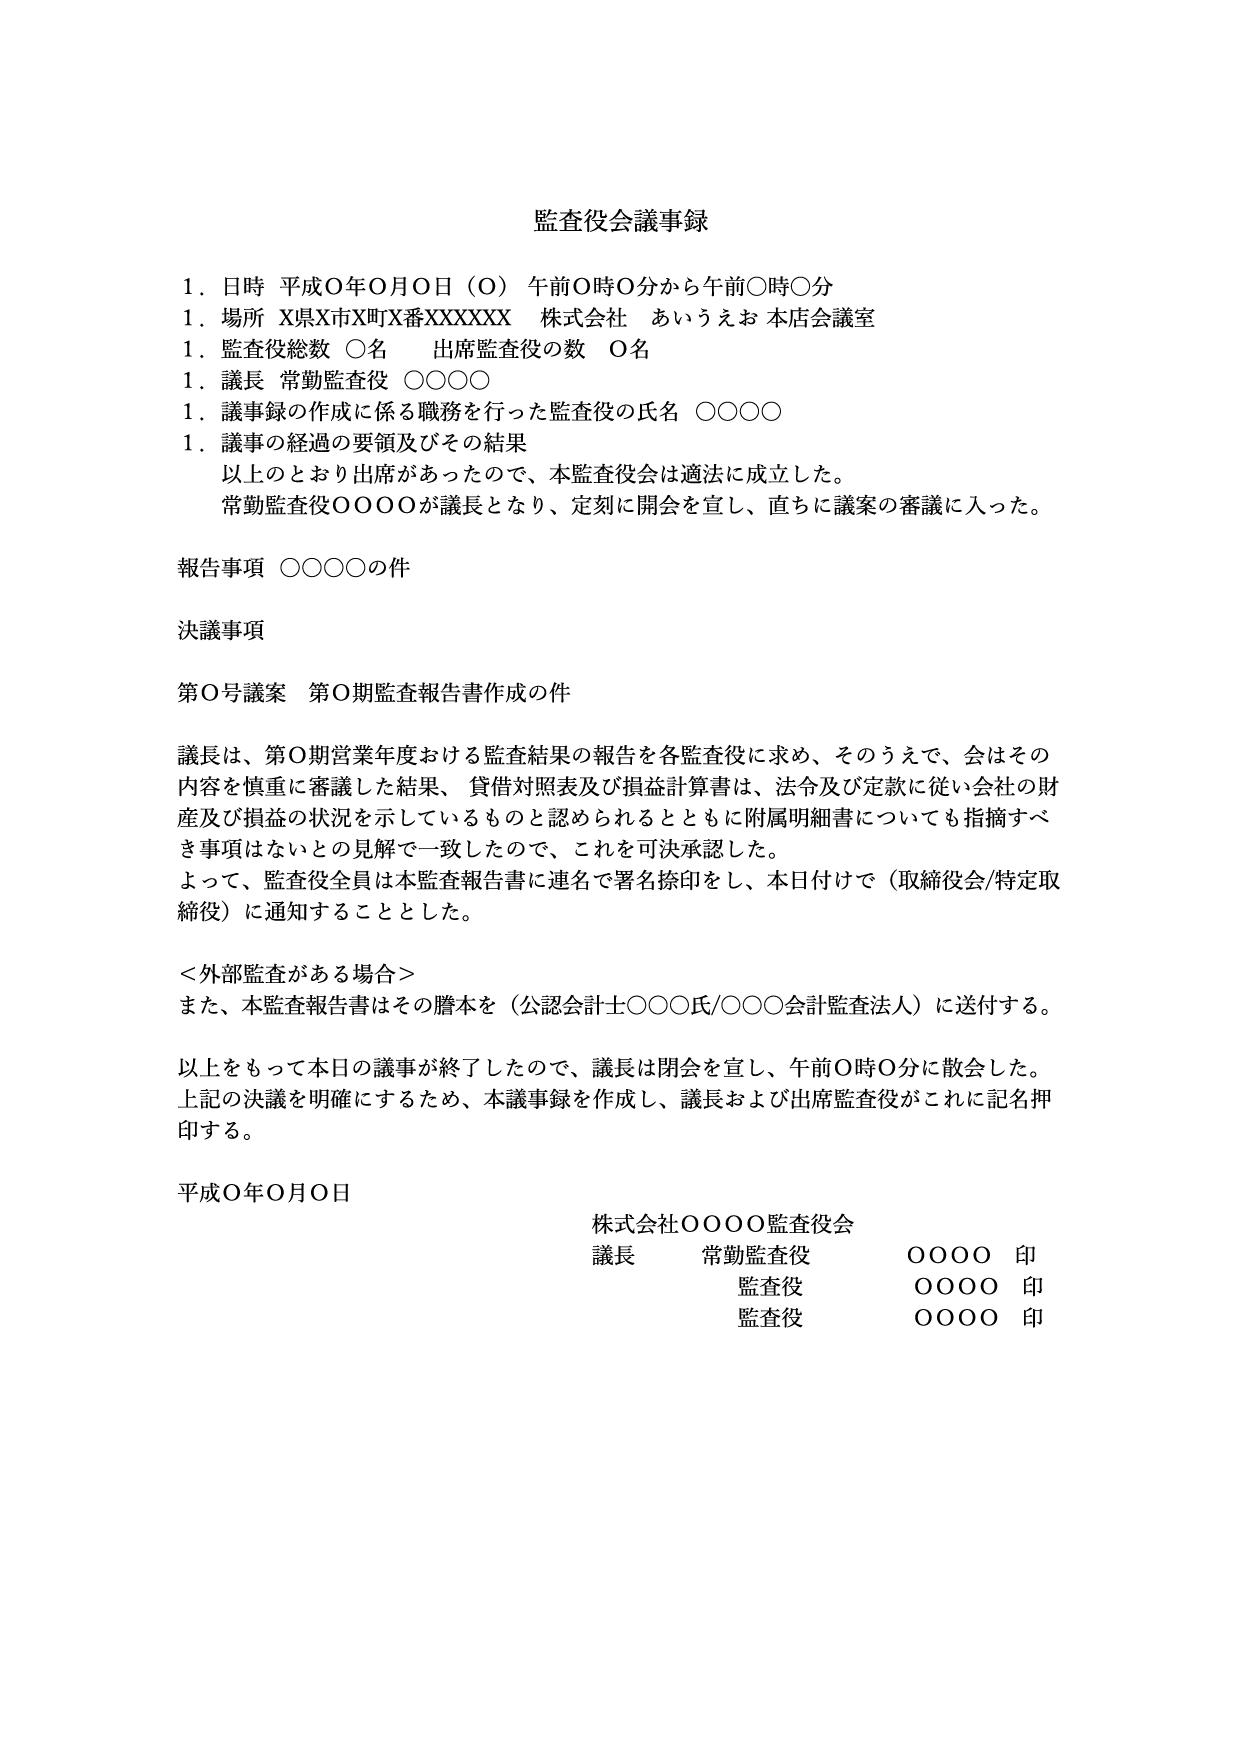 議事録テンプレート『監査役会,決算報告』(ワード・ページズ)